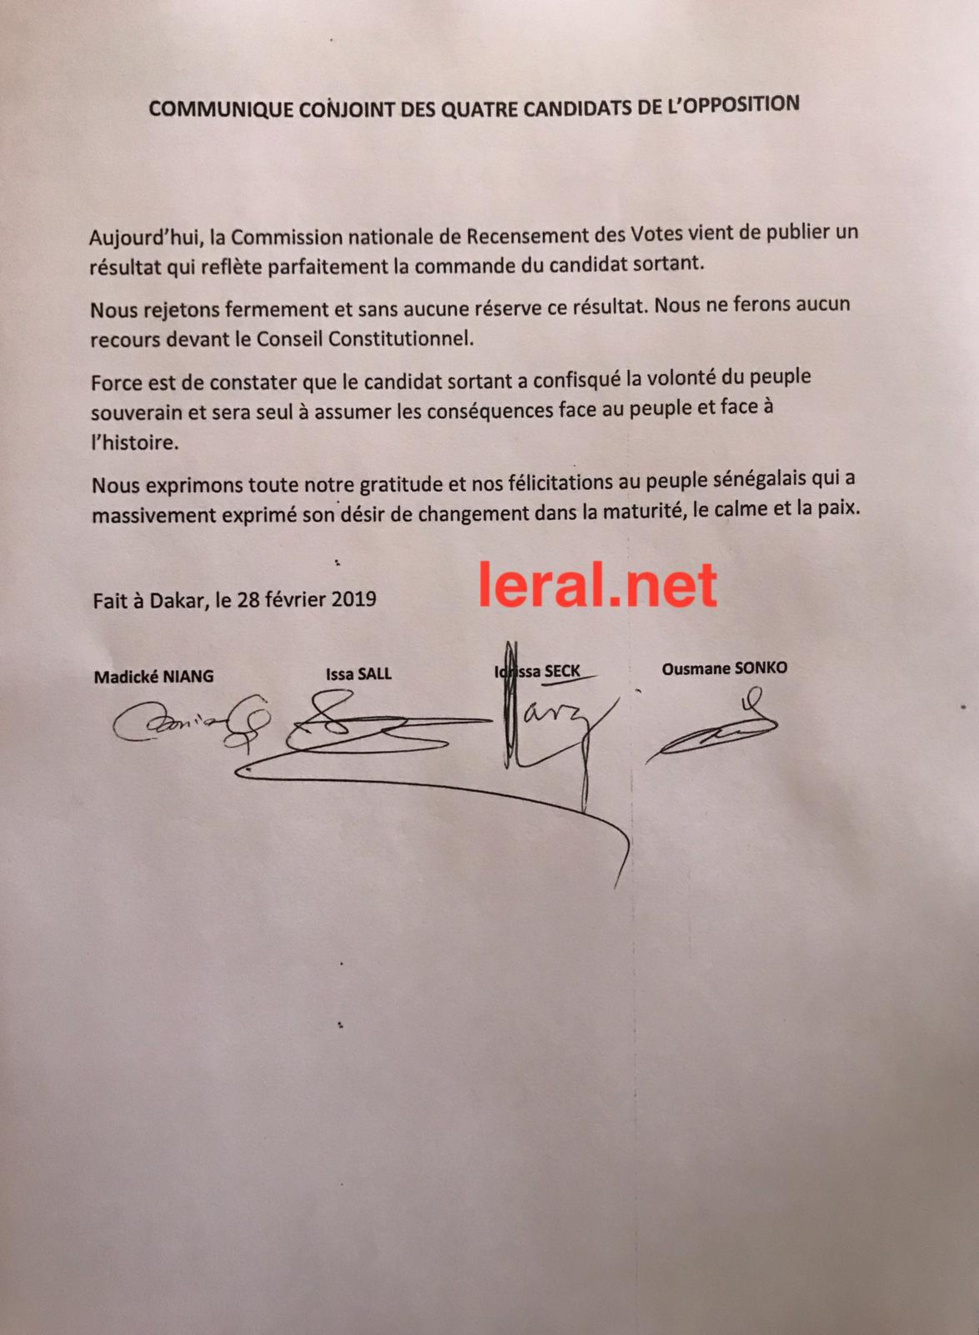 Photos : Idrissa Seck a signé la déclaration commune des candidats de l'opposition